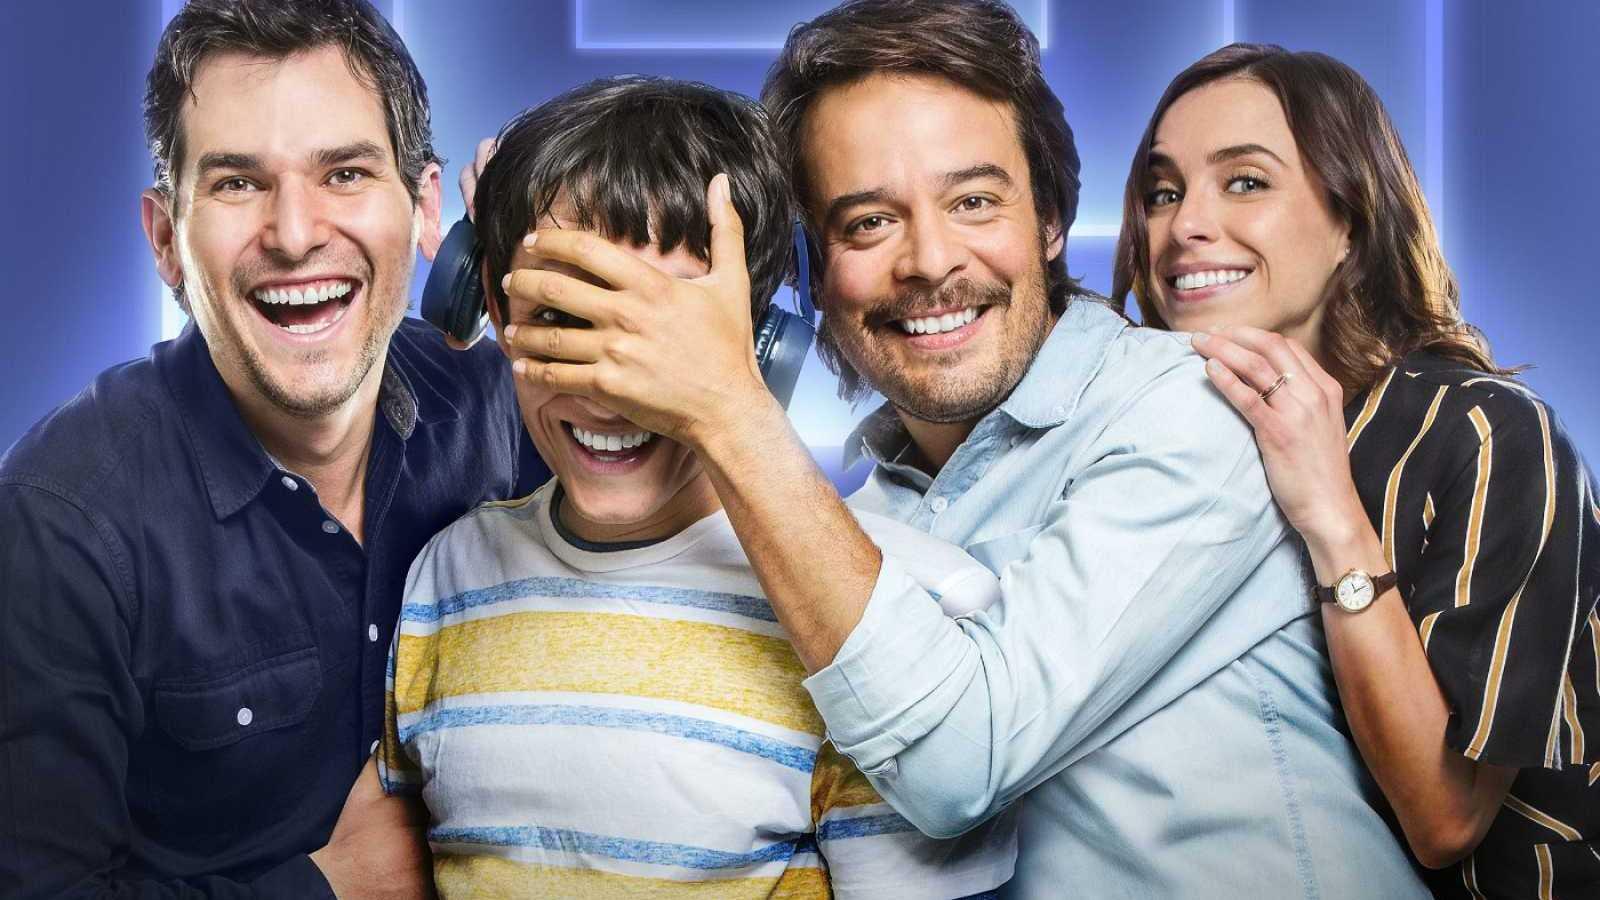 De cine - '¿Conoces a Tomás? ', solidaria con las personas con autismo - 16/11/20 - Escuchar ahora